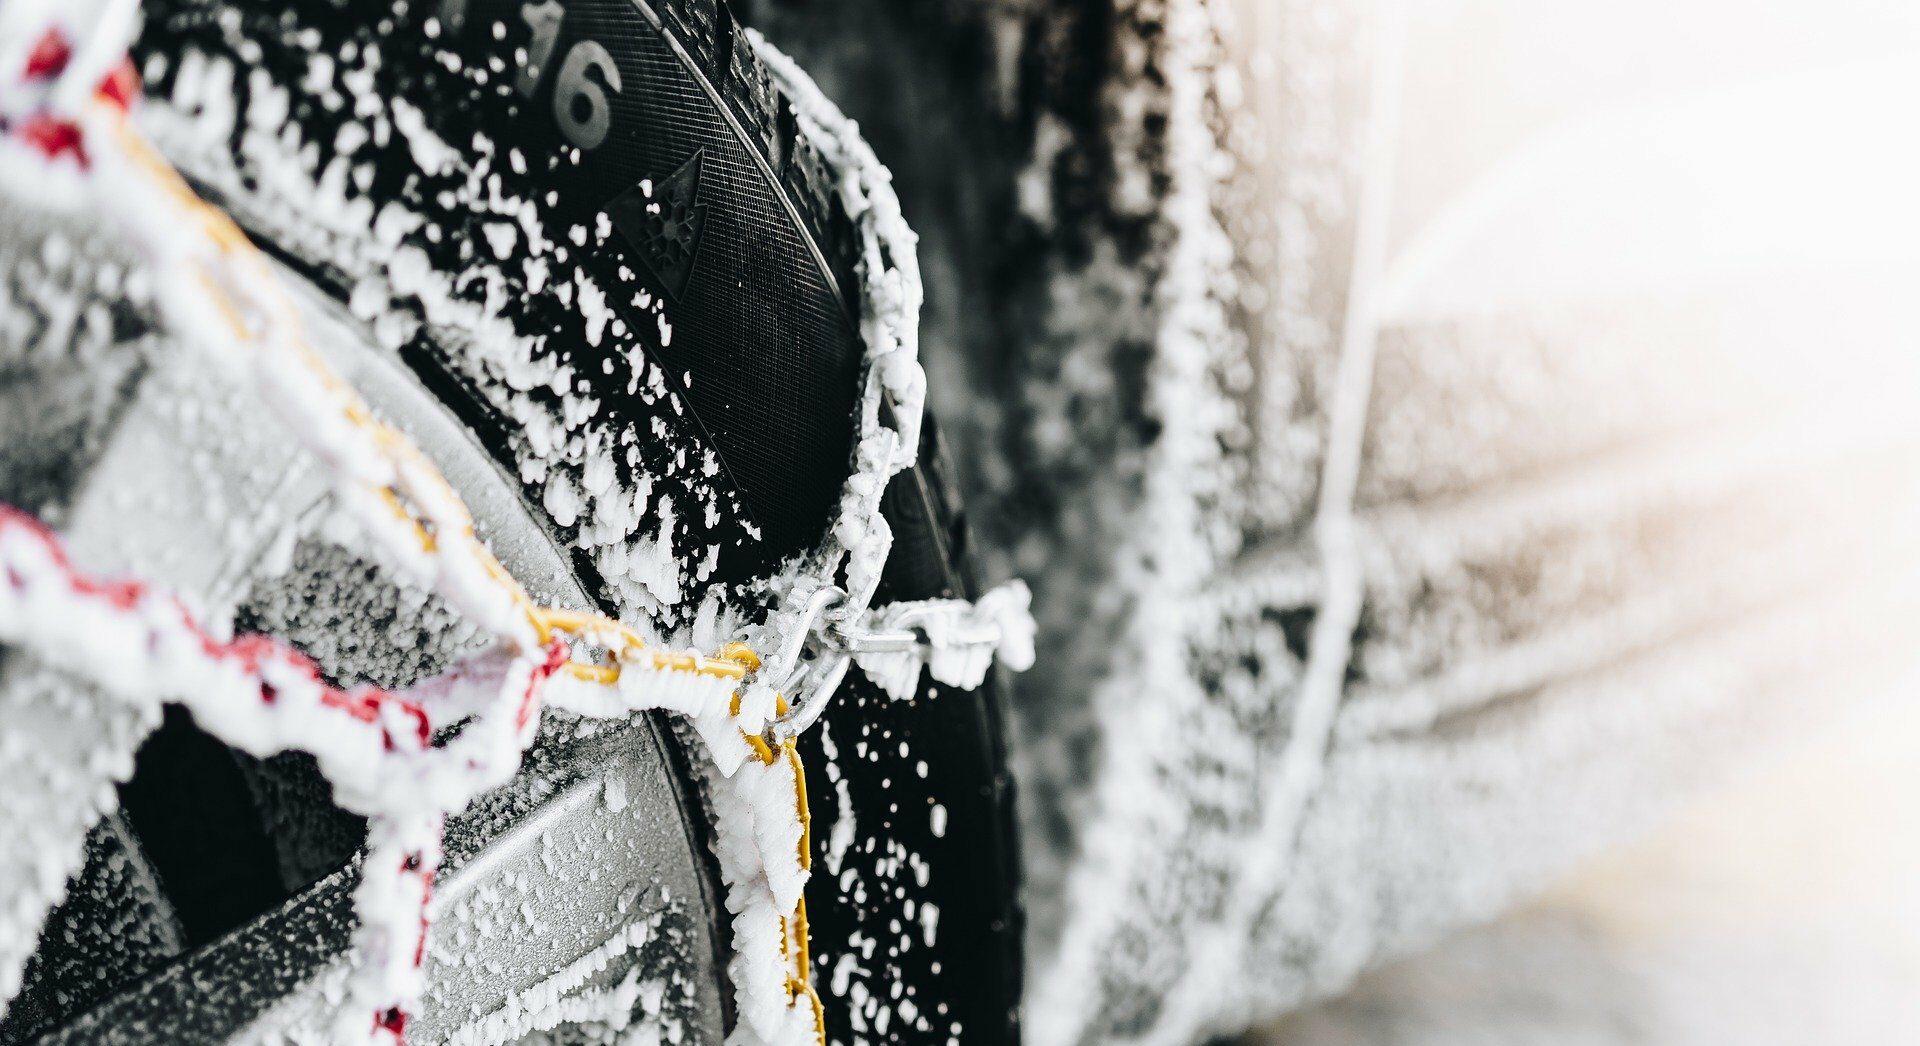 Pneu hiver avec des chaînes couvert de neige